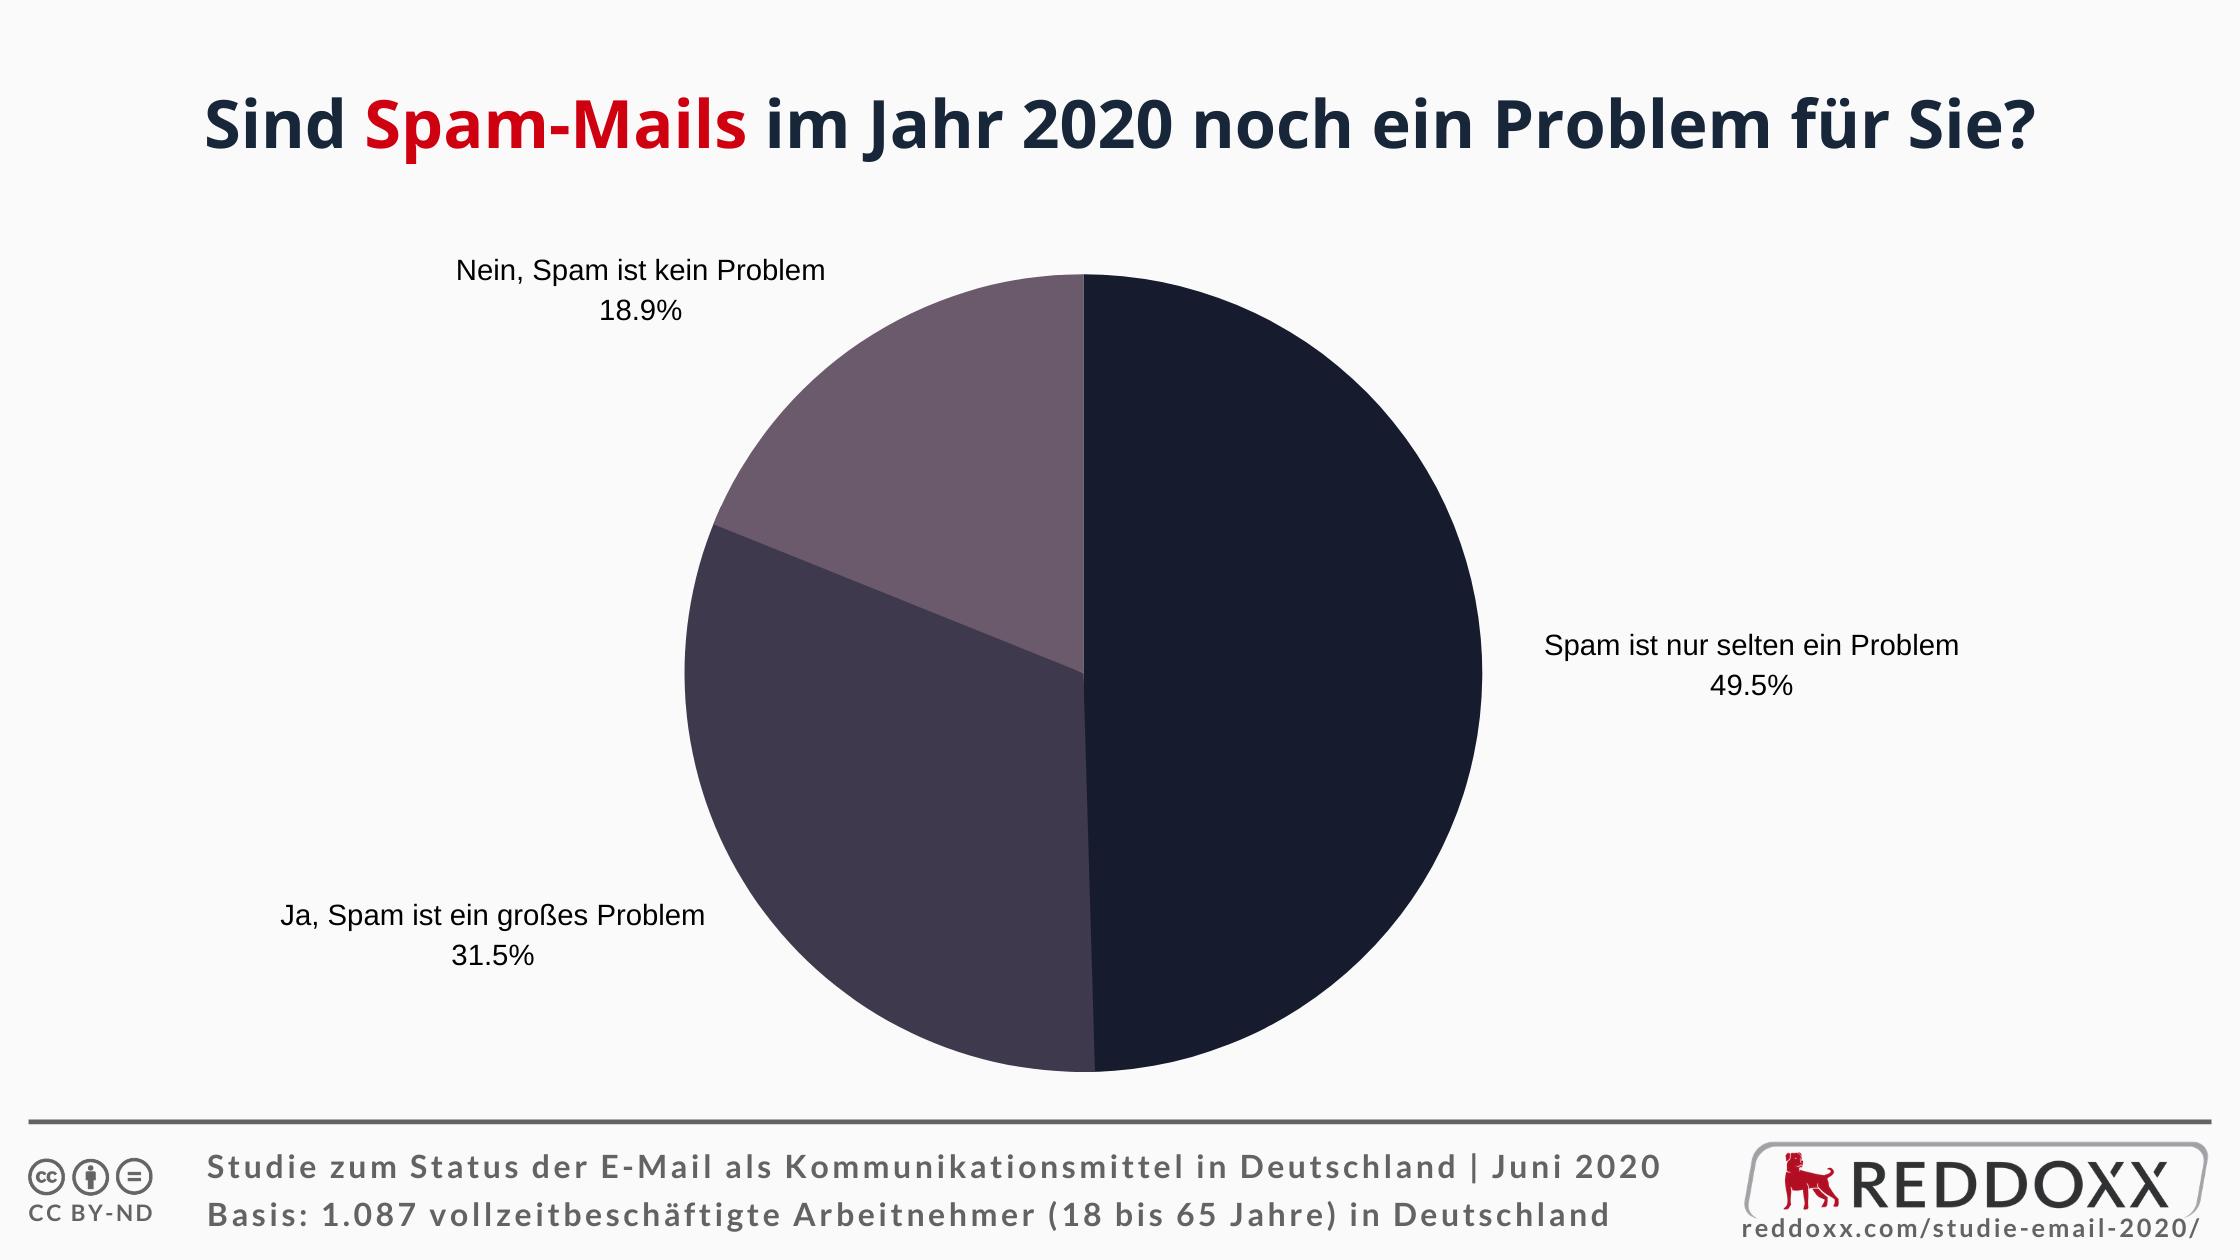 Sind Spam-Mails im Jahr 2020 noch ein Problem für Sie?